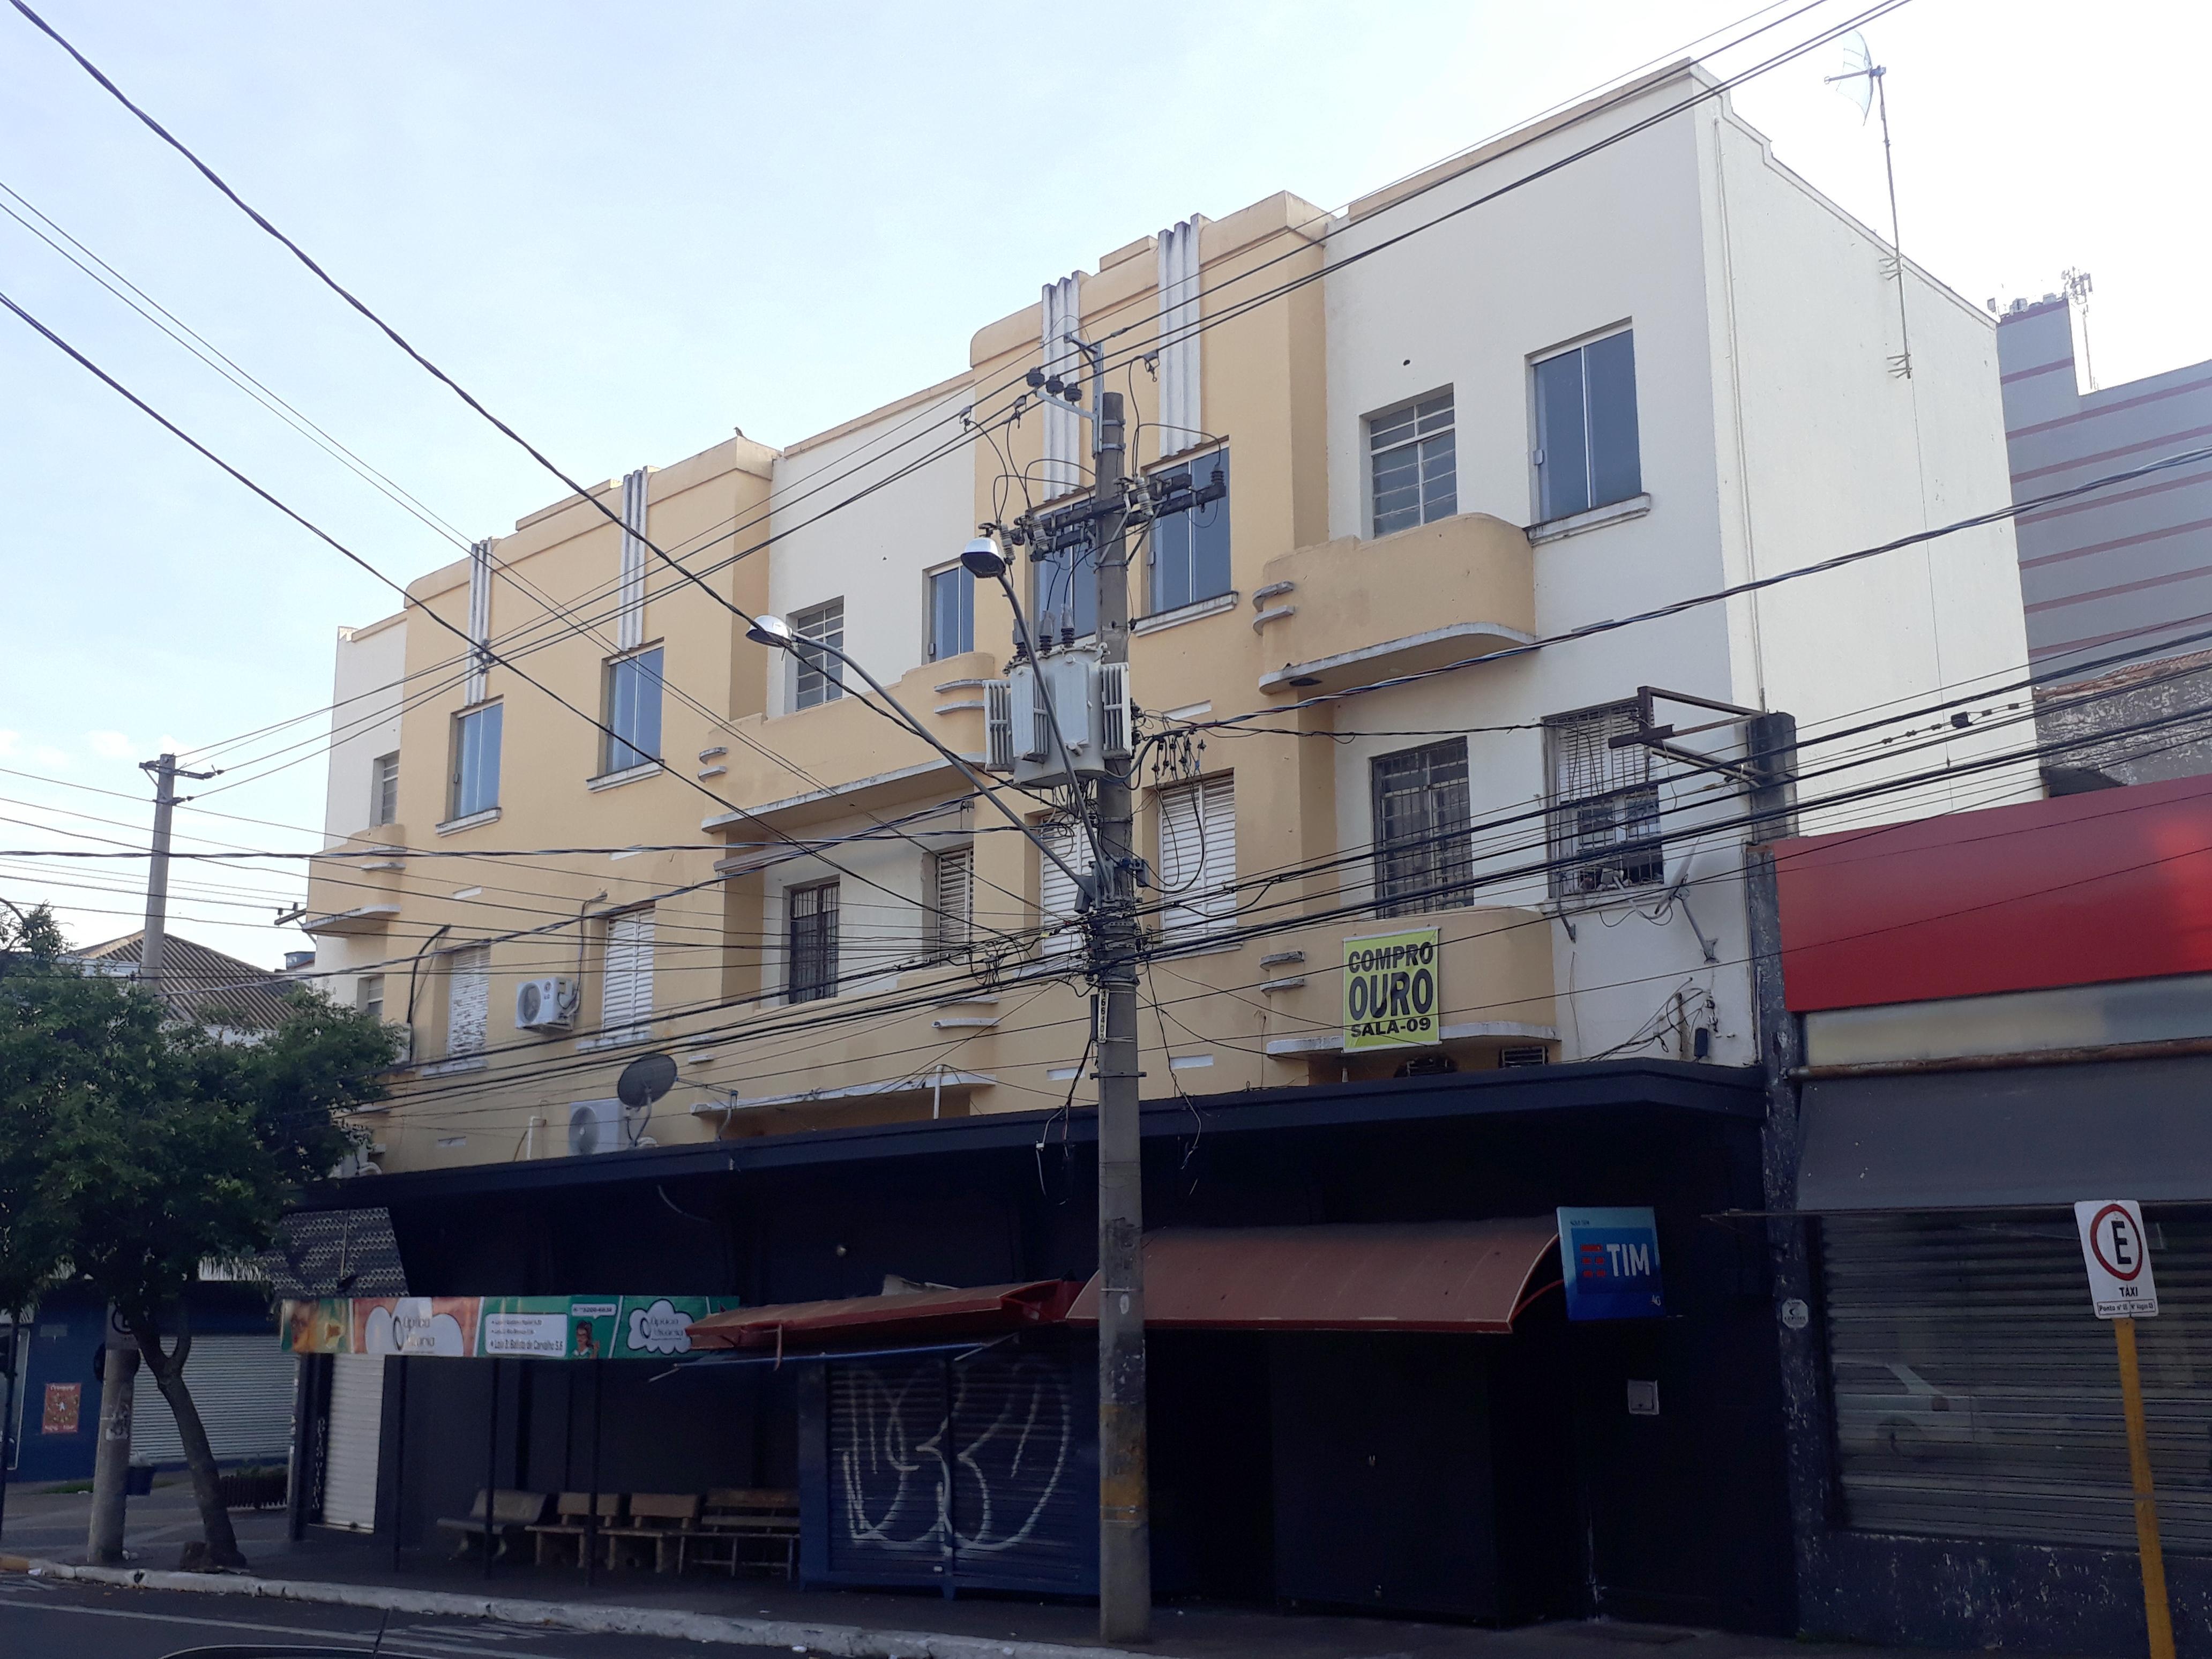 Edif. Rua Azarias Leite c/ Calcadao